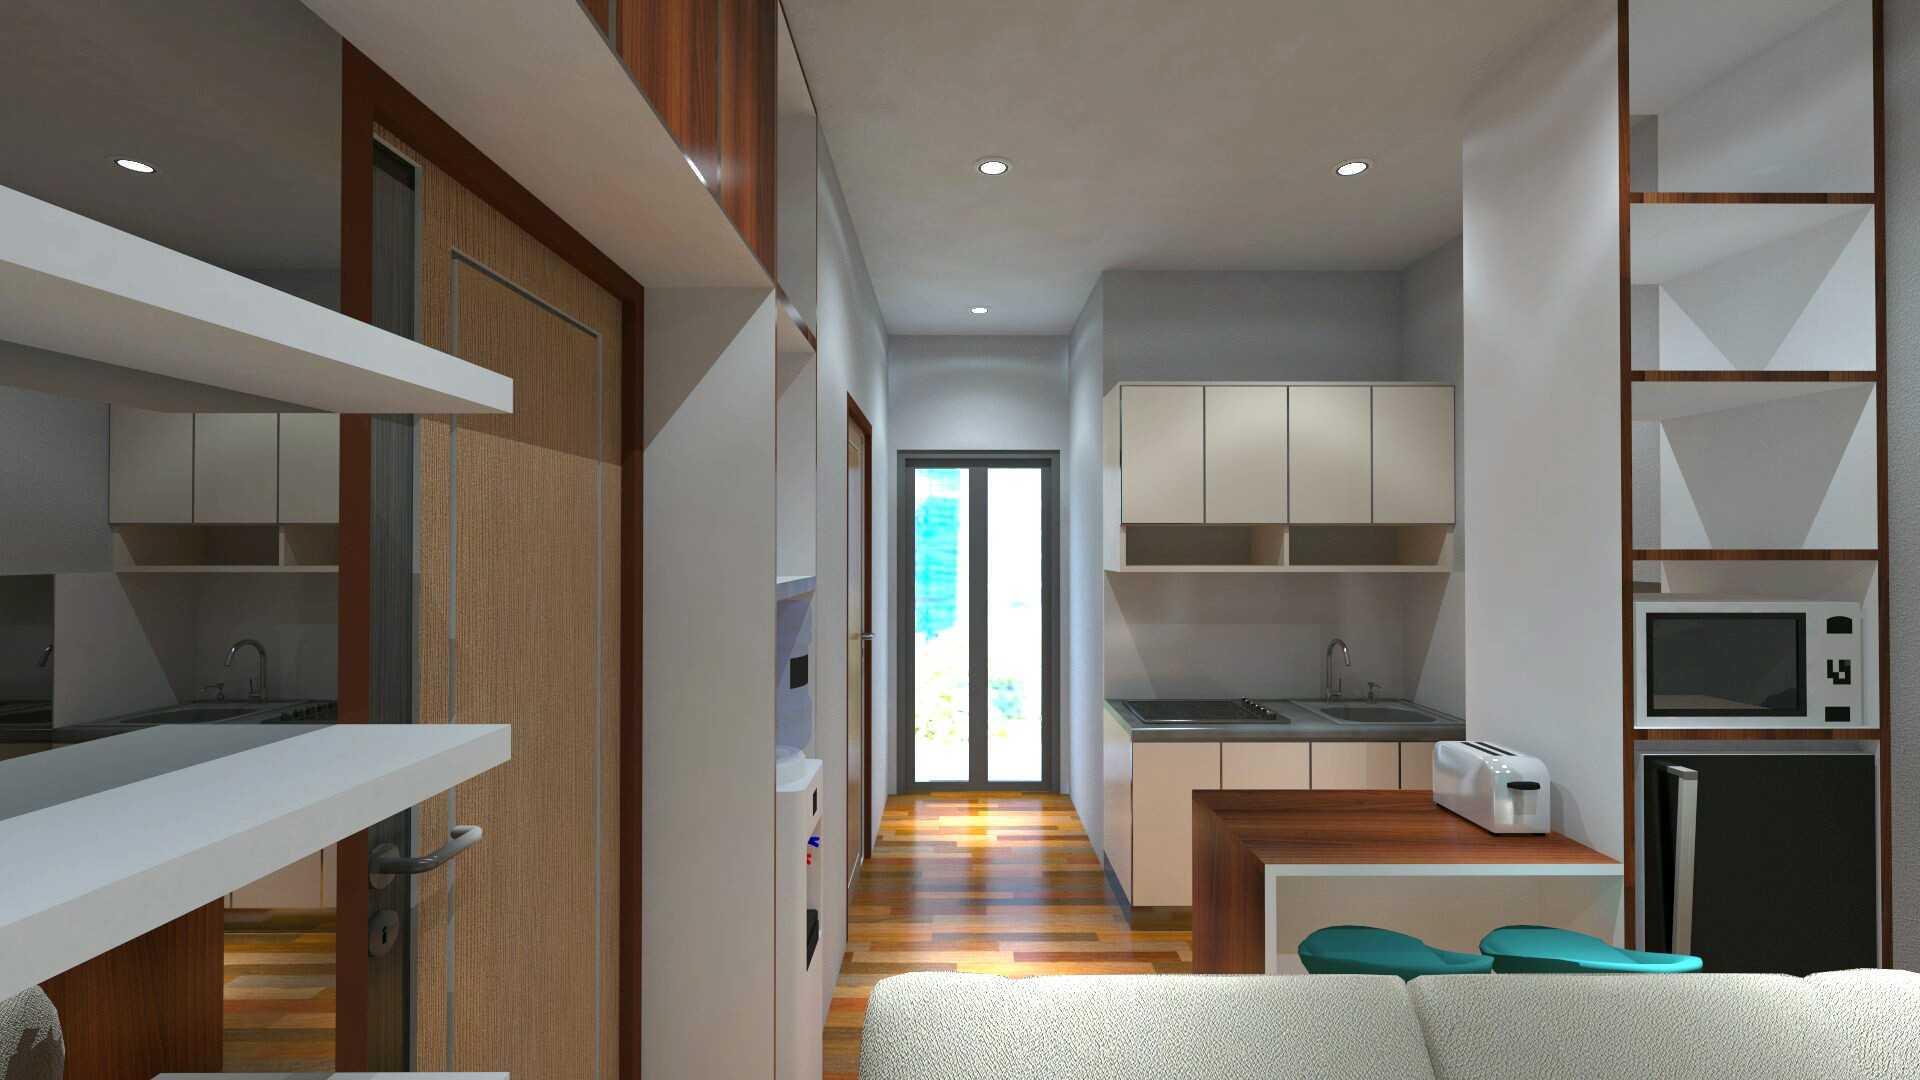 Chai Twin Co Apartment Casablanca East Residence East Jakarta, East Jakarta City, Jakarta, Indonesia East Jakarta, East Jakarta City, Jakarta, Indonesia Img20170628225527 Modern  36485